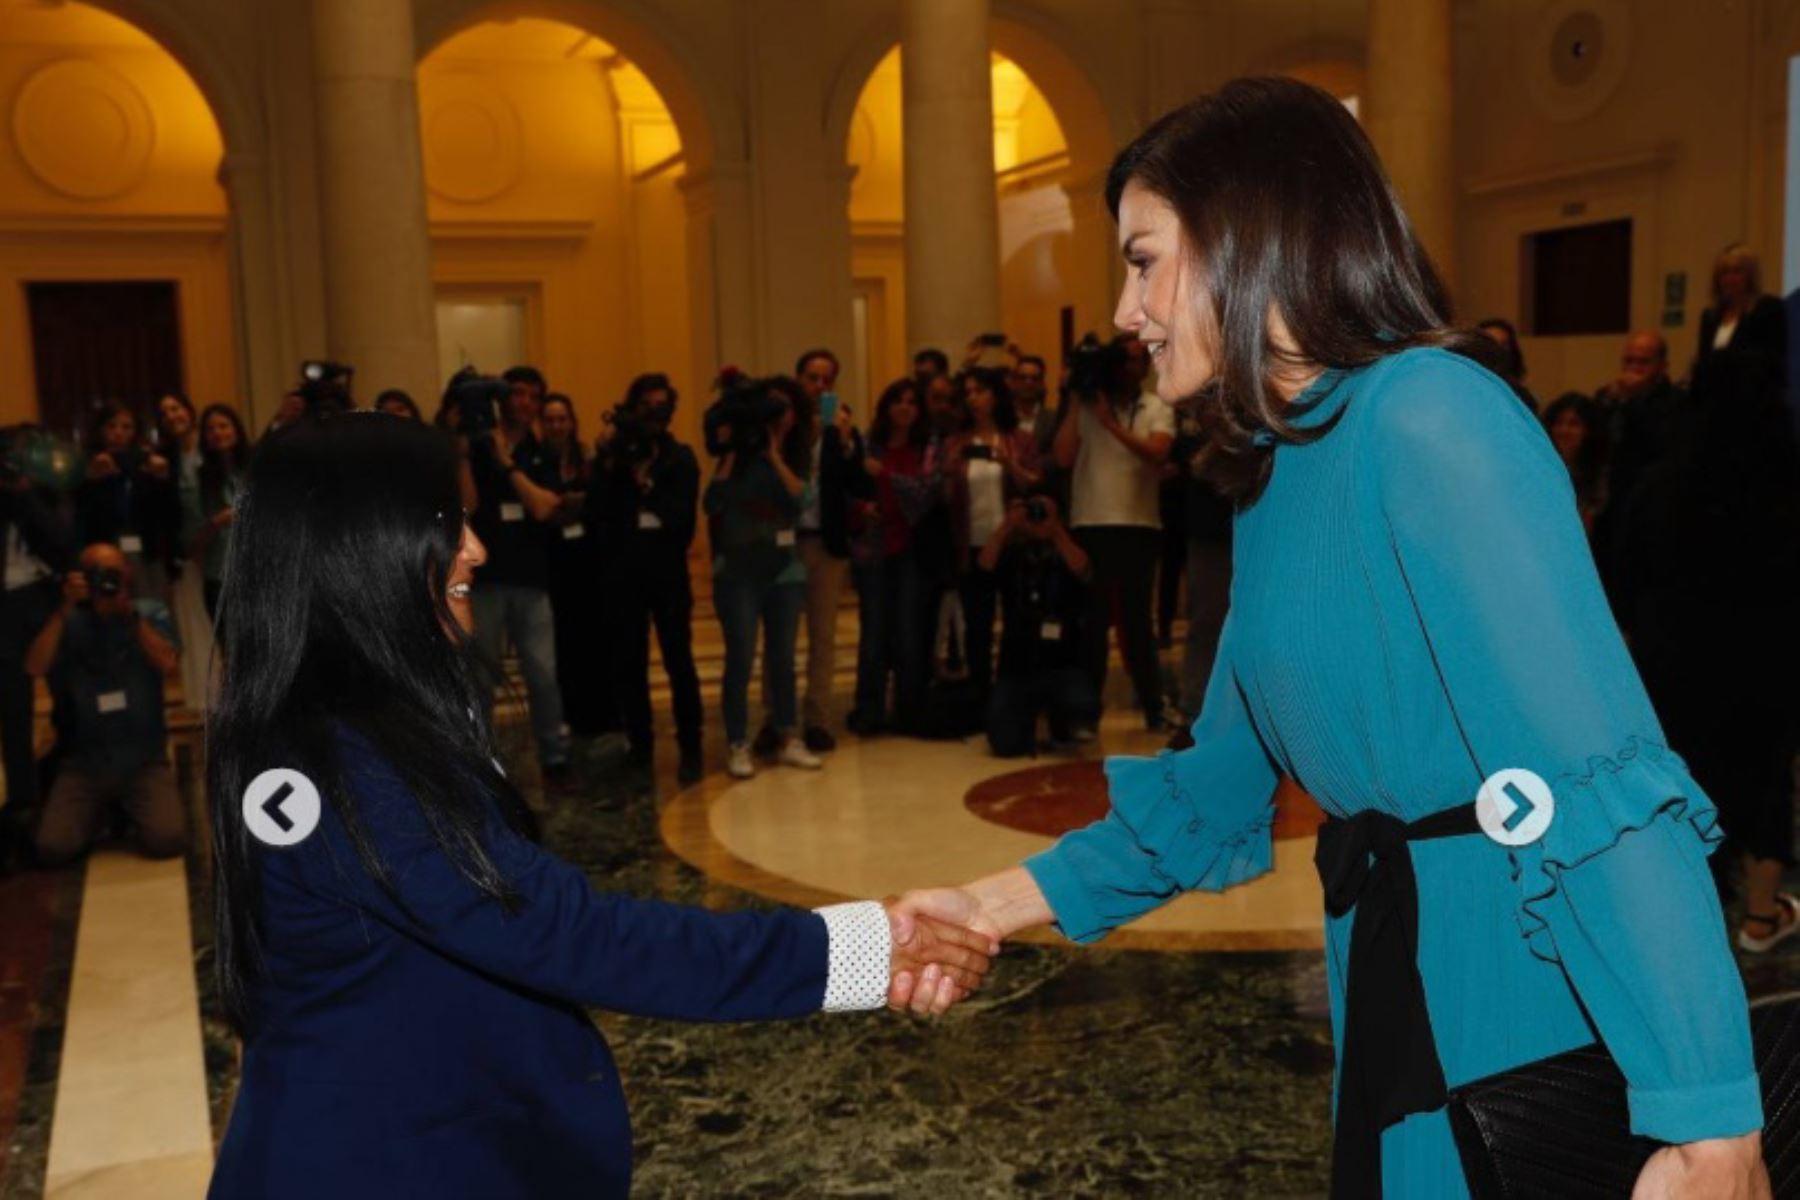 Emprendedora peruana Guisela Martínez saluda a la reina Letizia de España, luego de participar en un conversatorio sobre el empoderamiento femenino. Foto: Casa del rey de España.